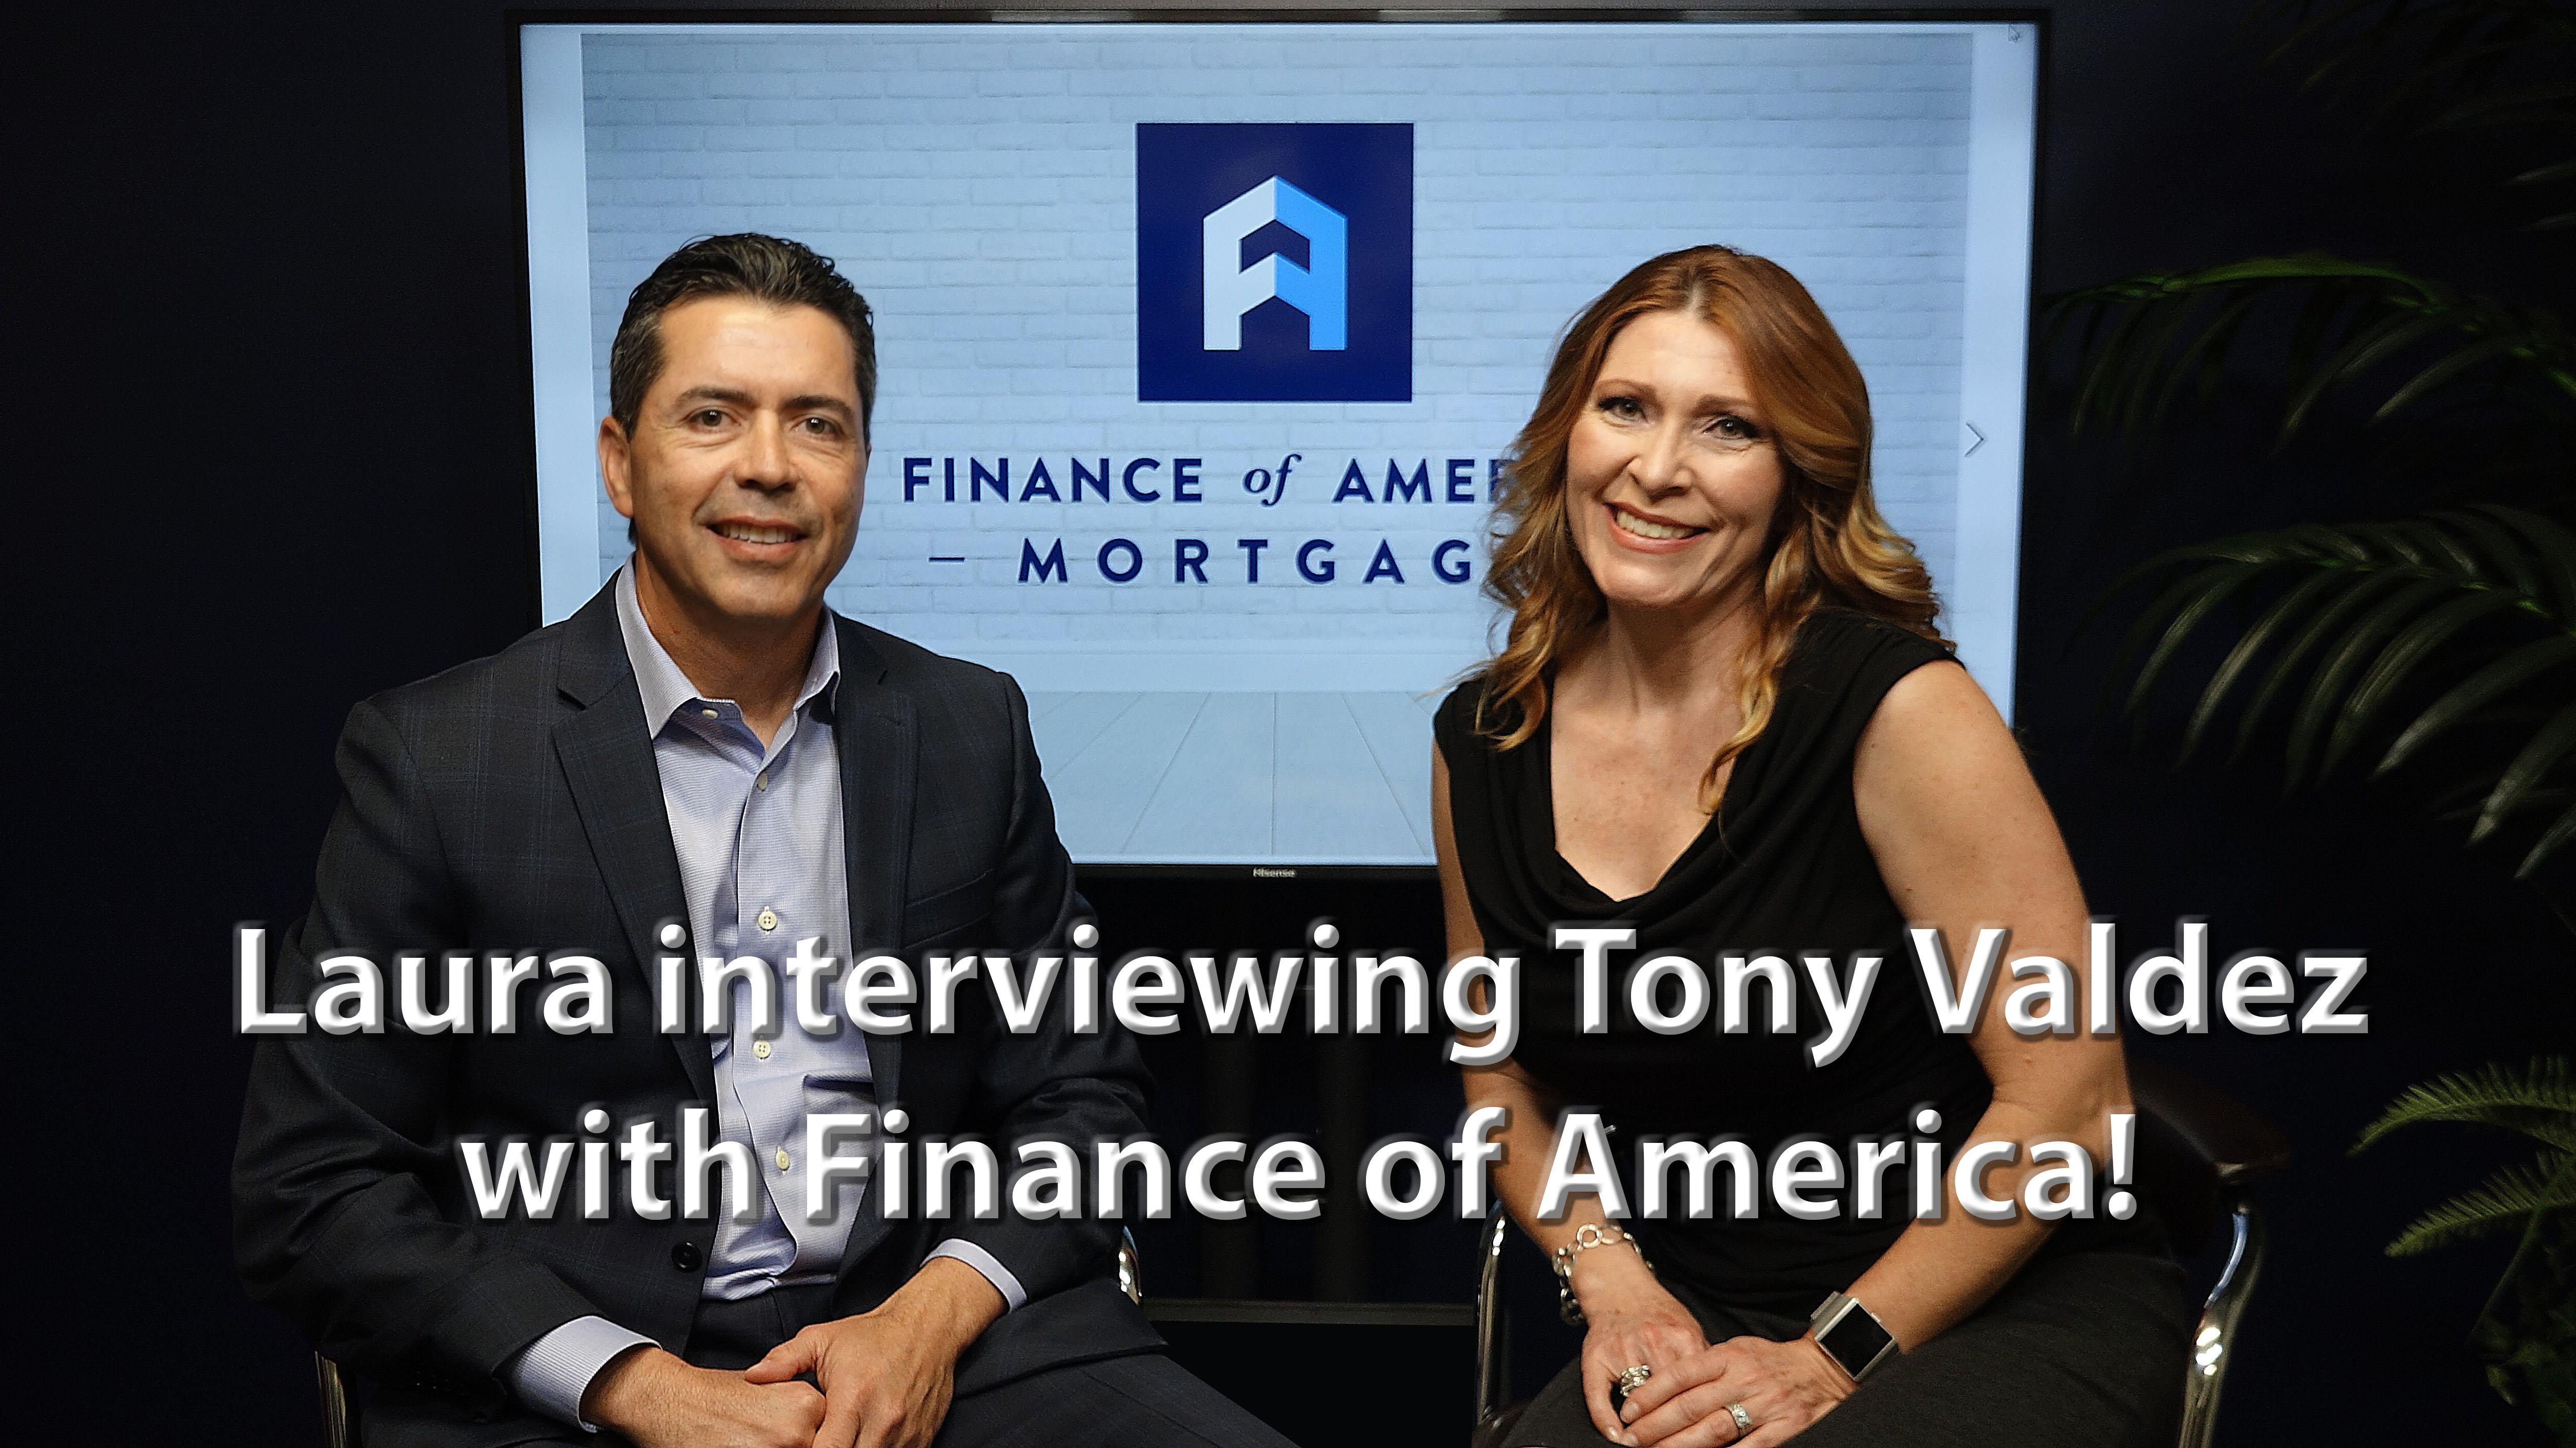 Tony Valdez Interview